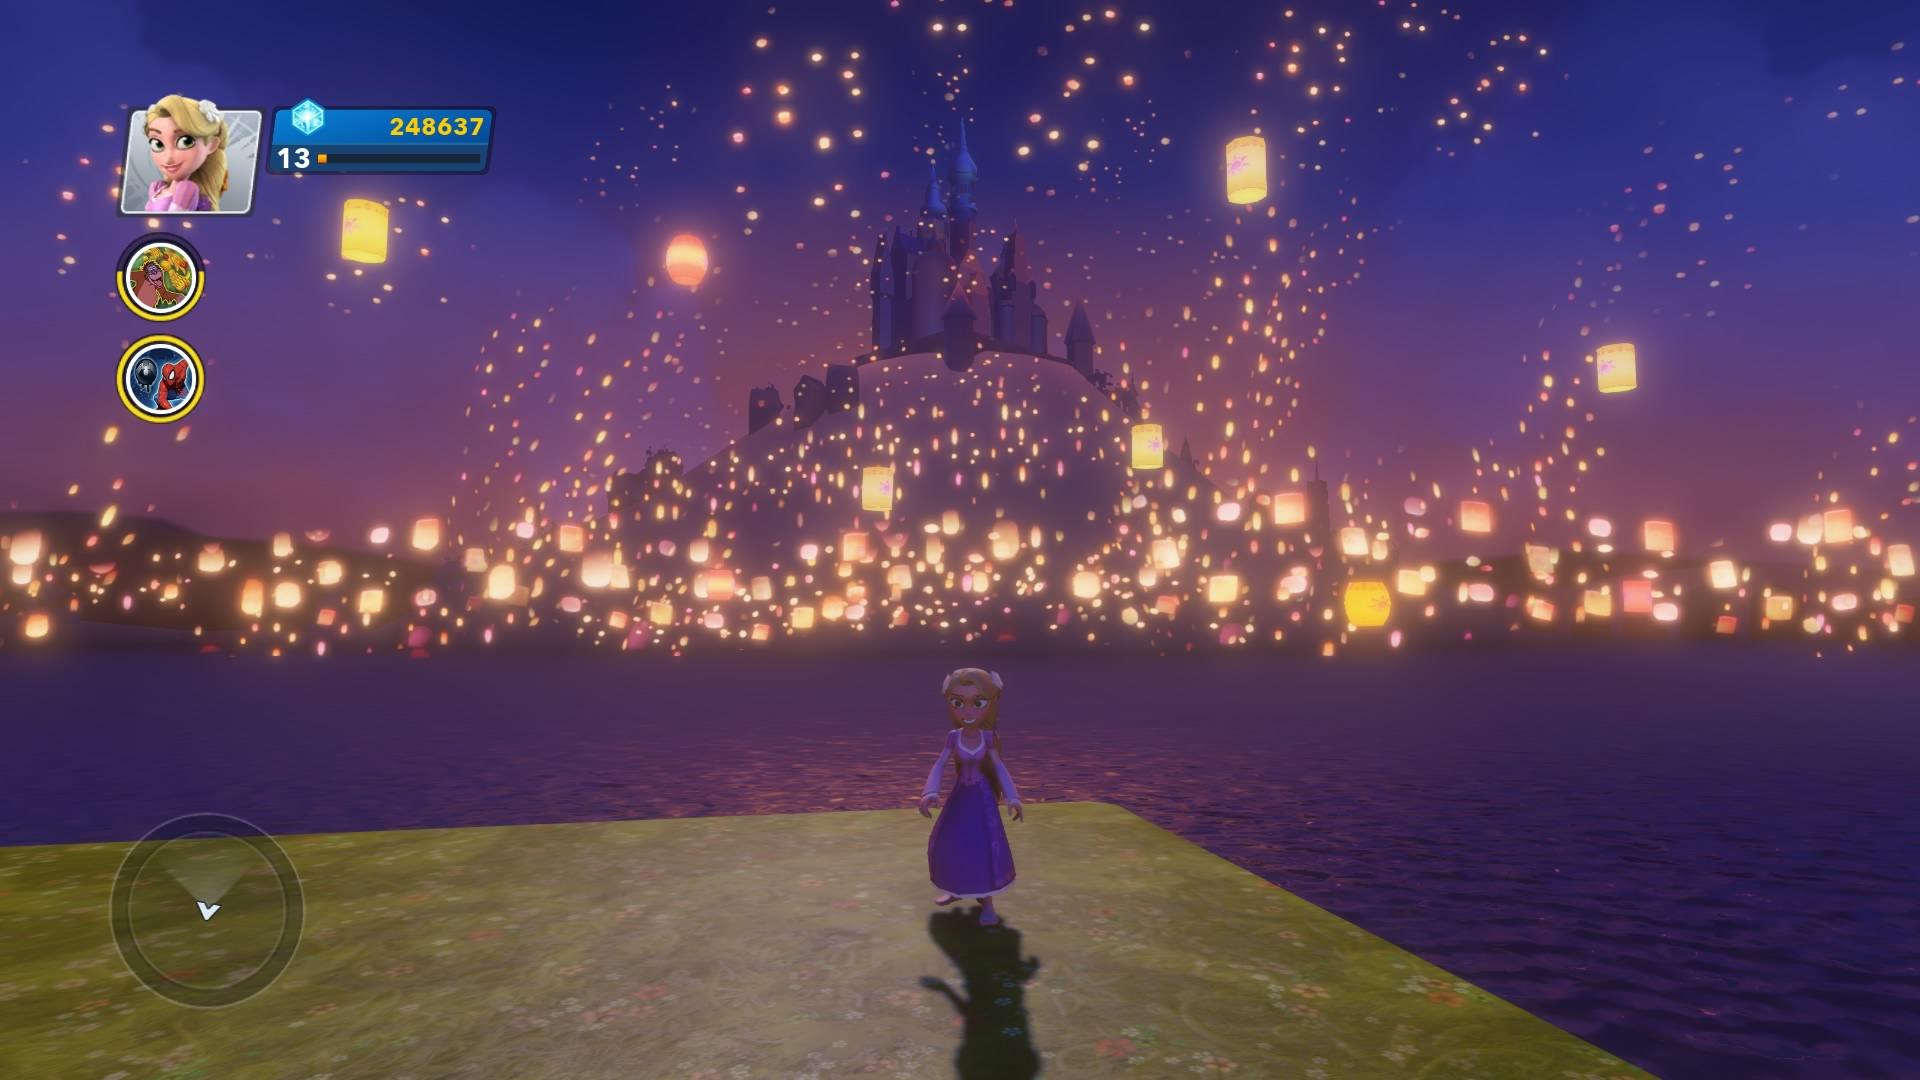 Rapunzel S Birthday Sky Disney Infinity Wiki Fandom